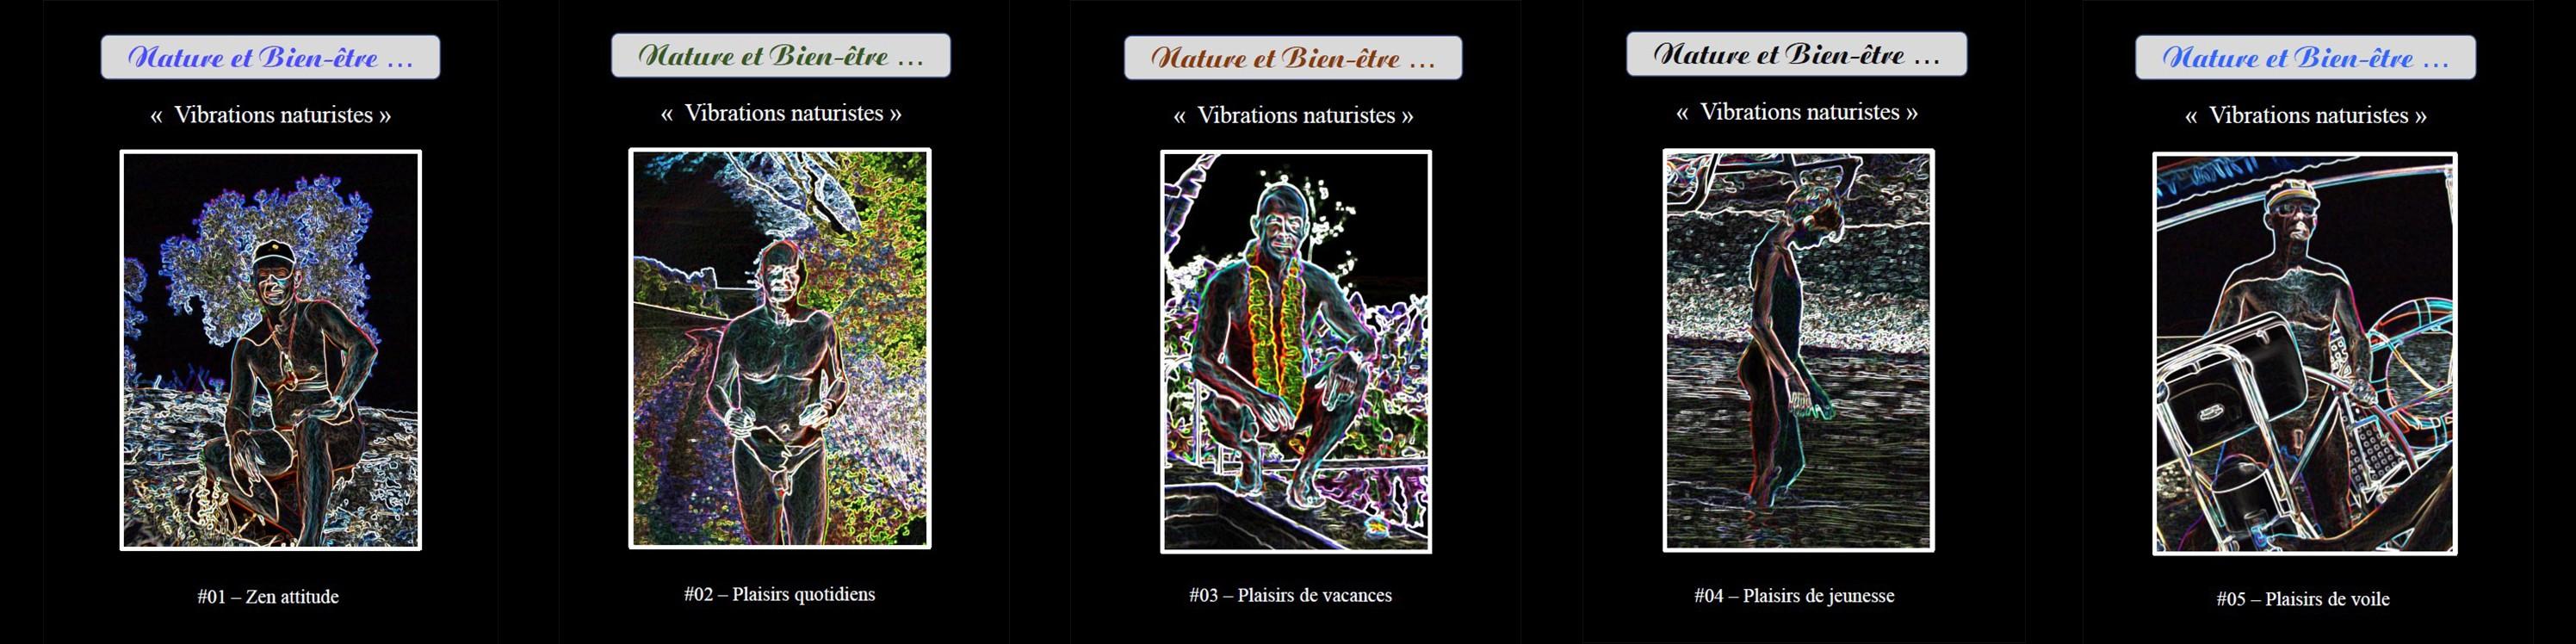 Vibrations naturistes